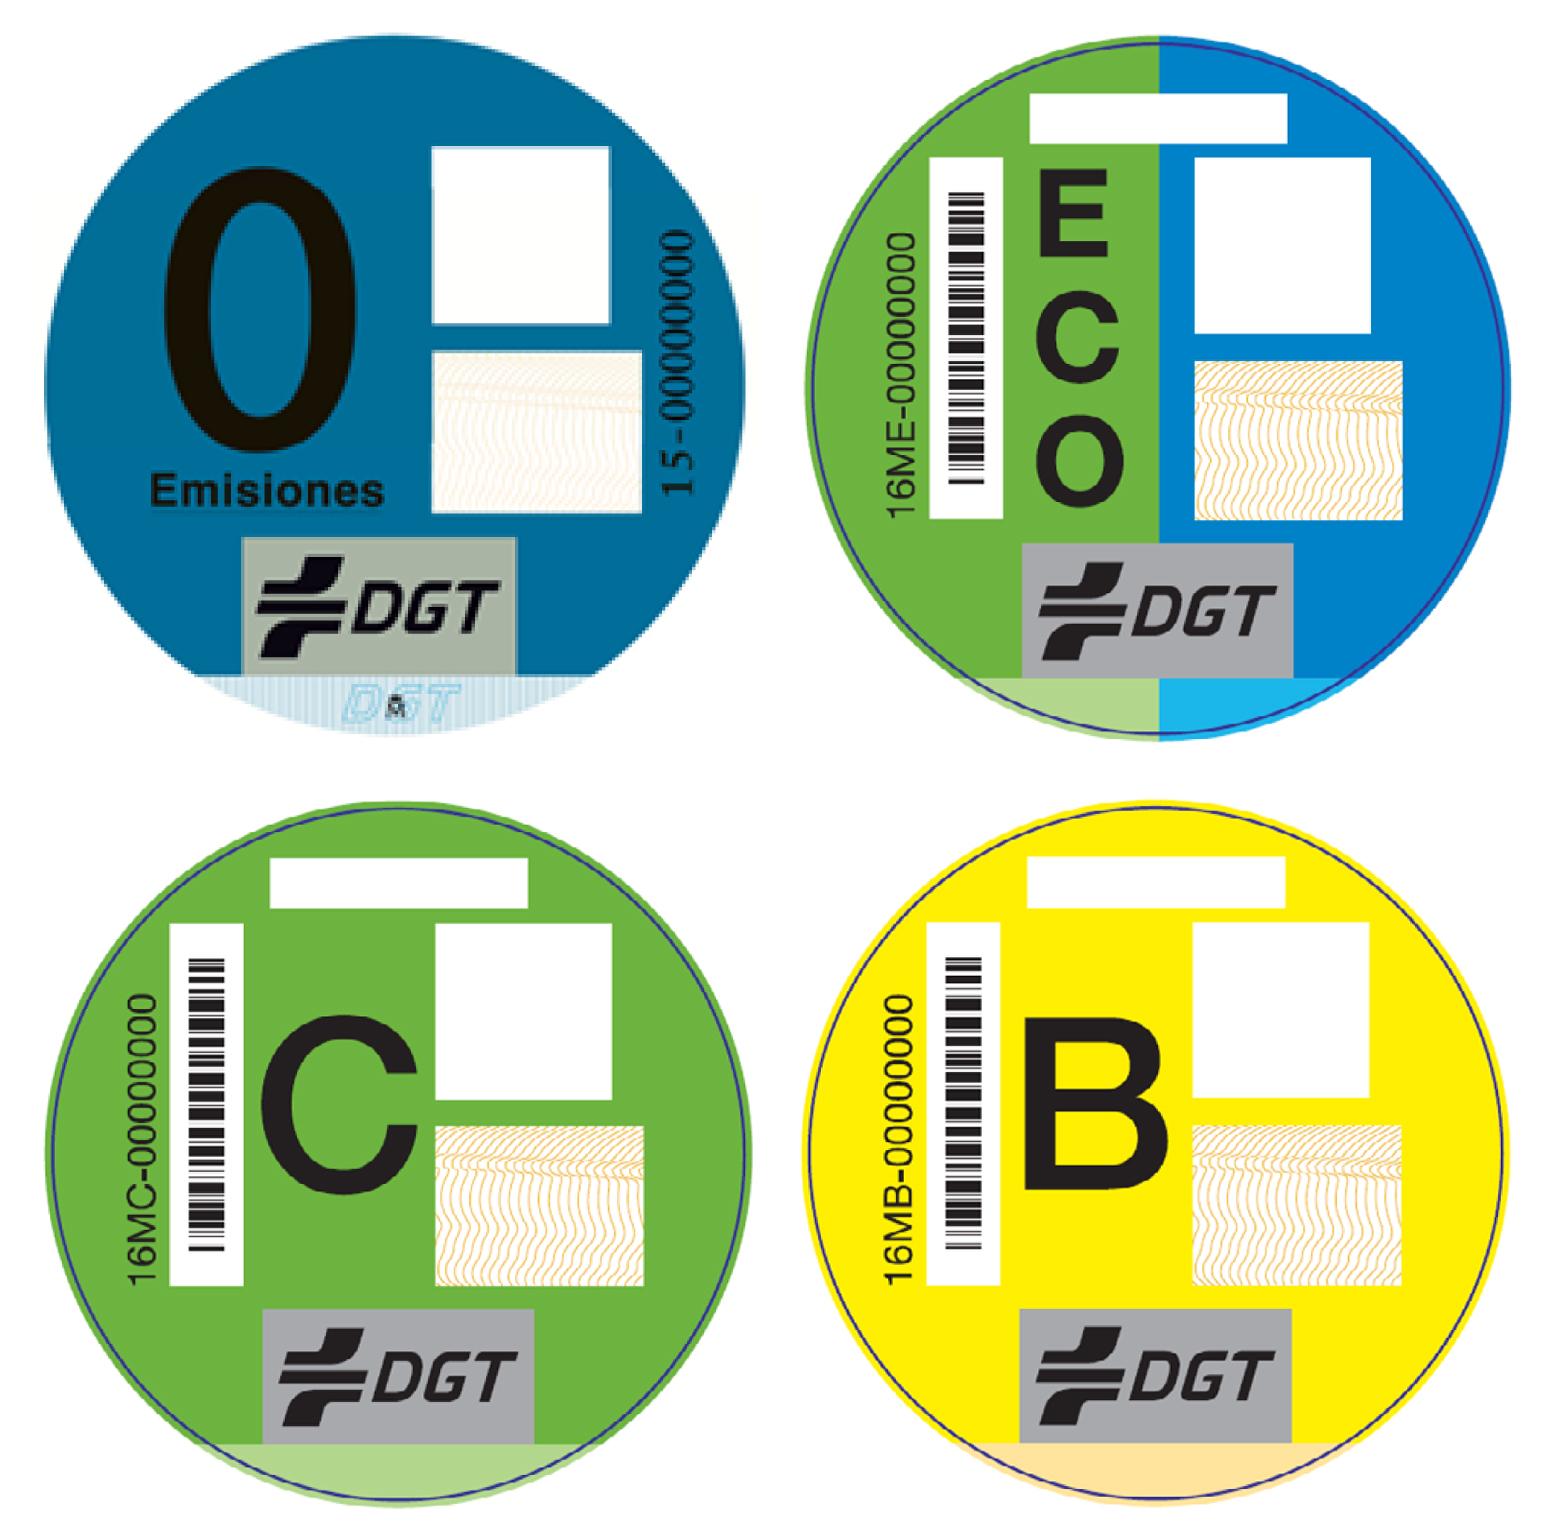 La DGT clasifica el parque de vehículos en cuatro grupos en función de sus emisiones contaminantes